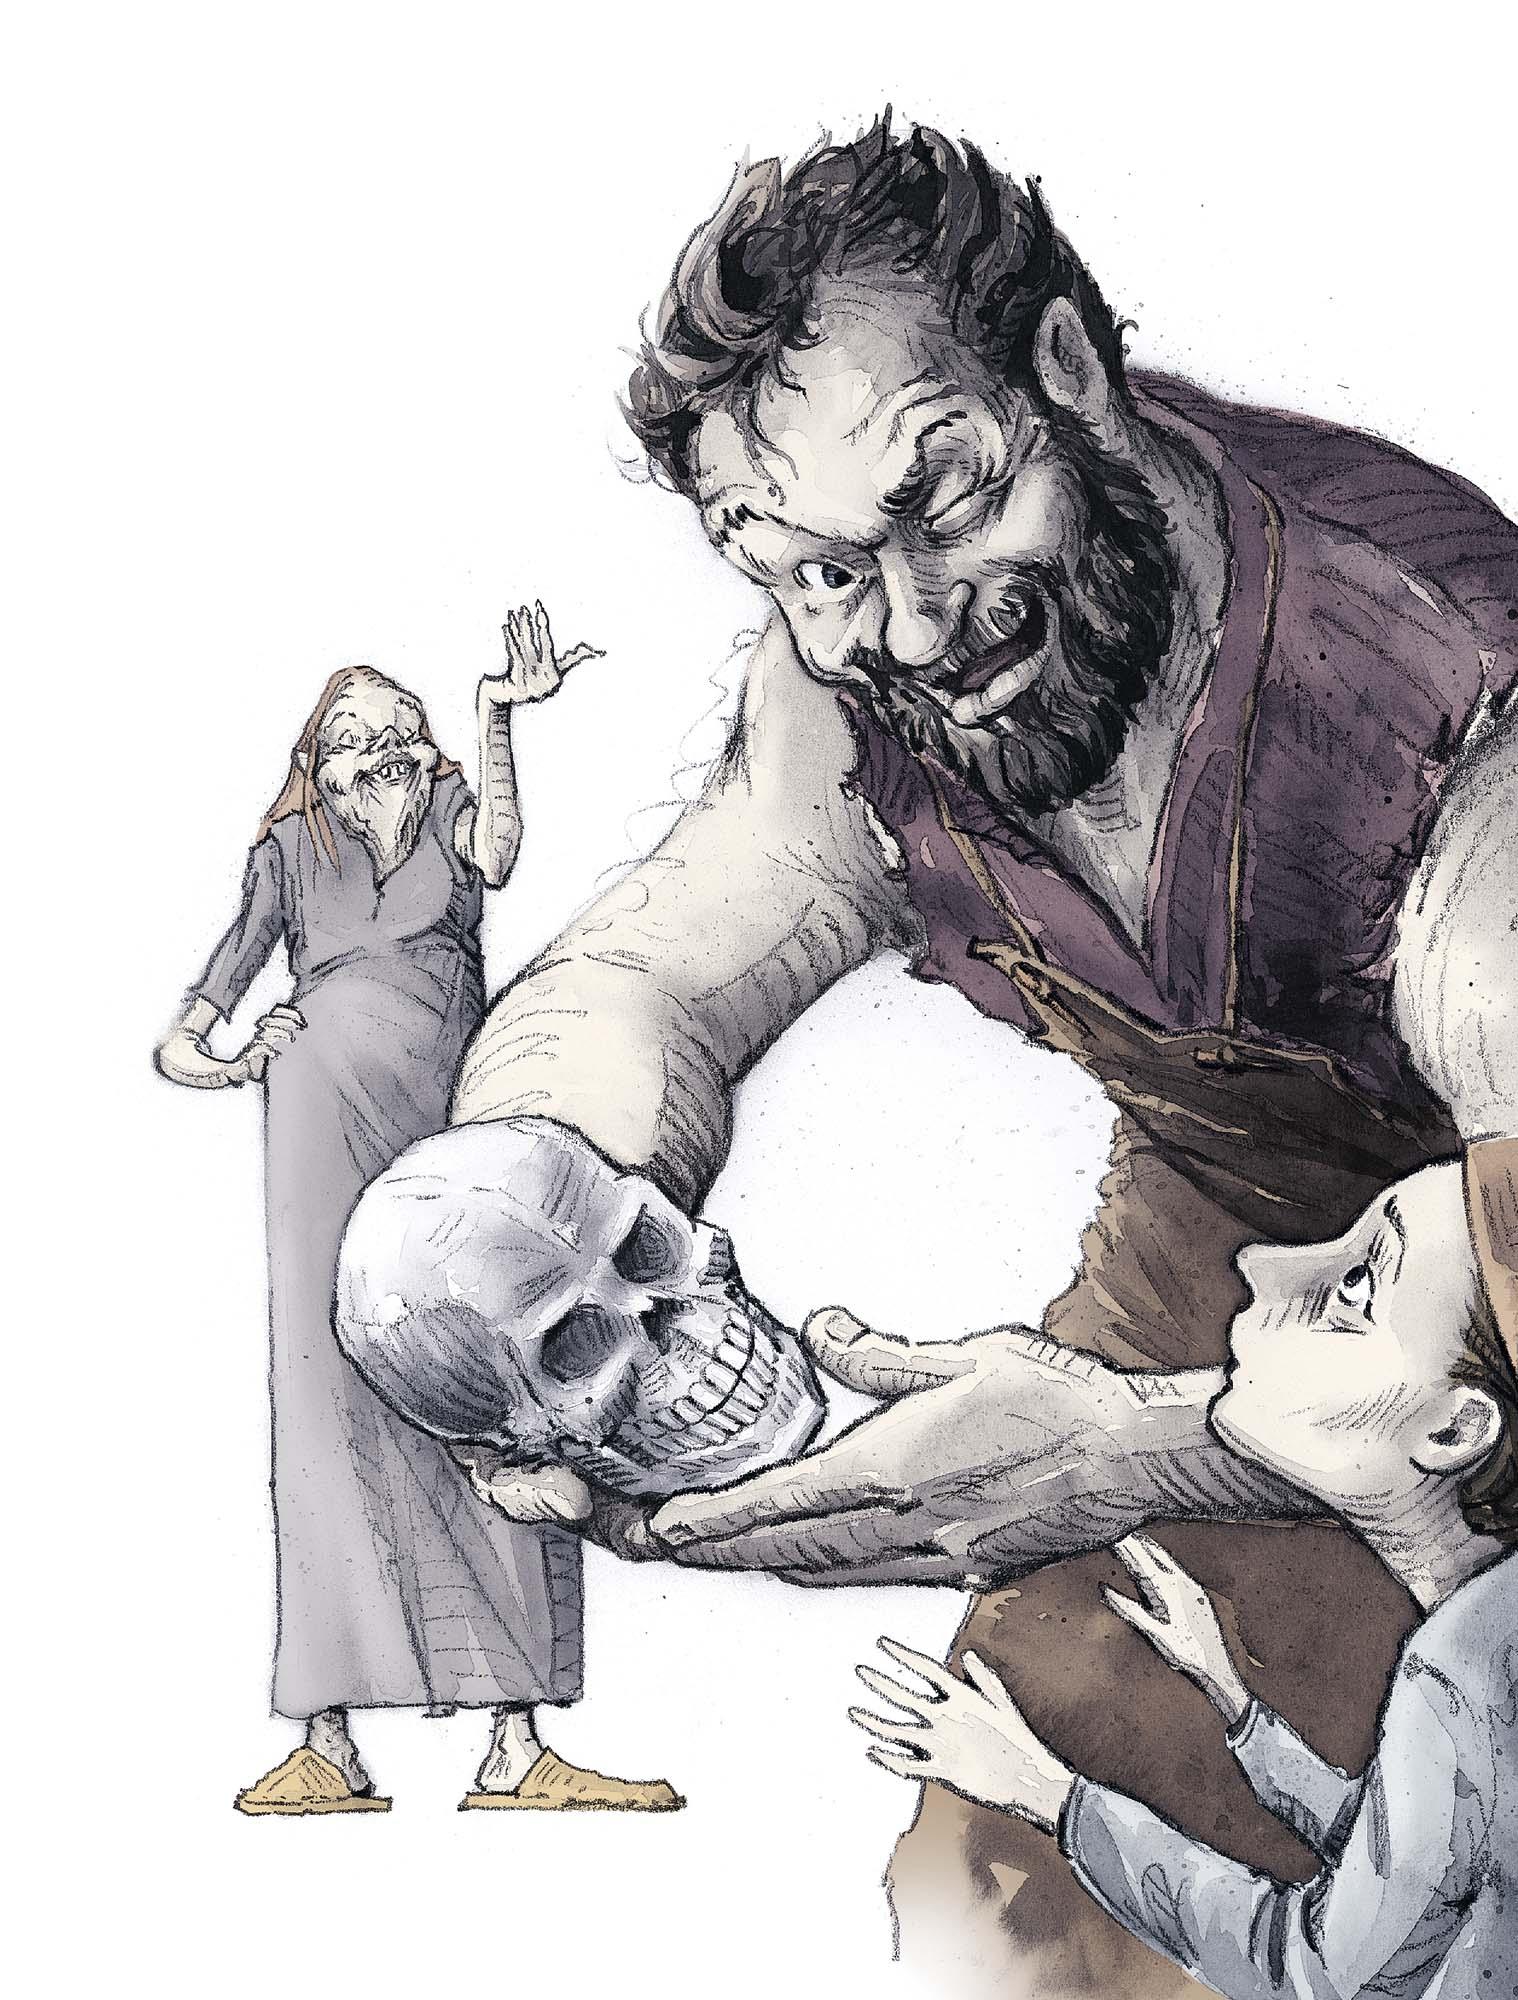 The Stranger's Grave: Bjorn's skull trick